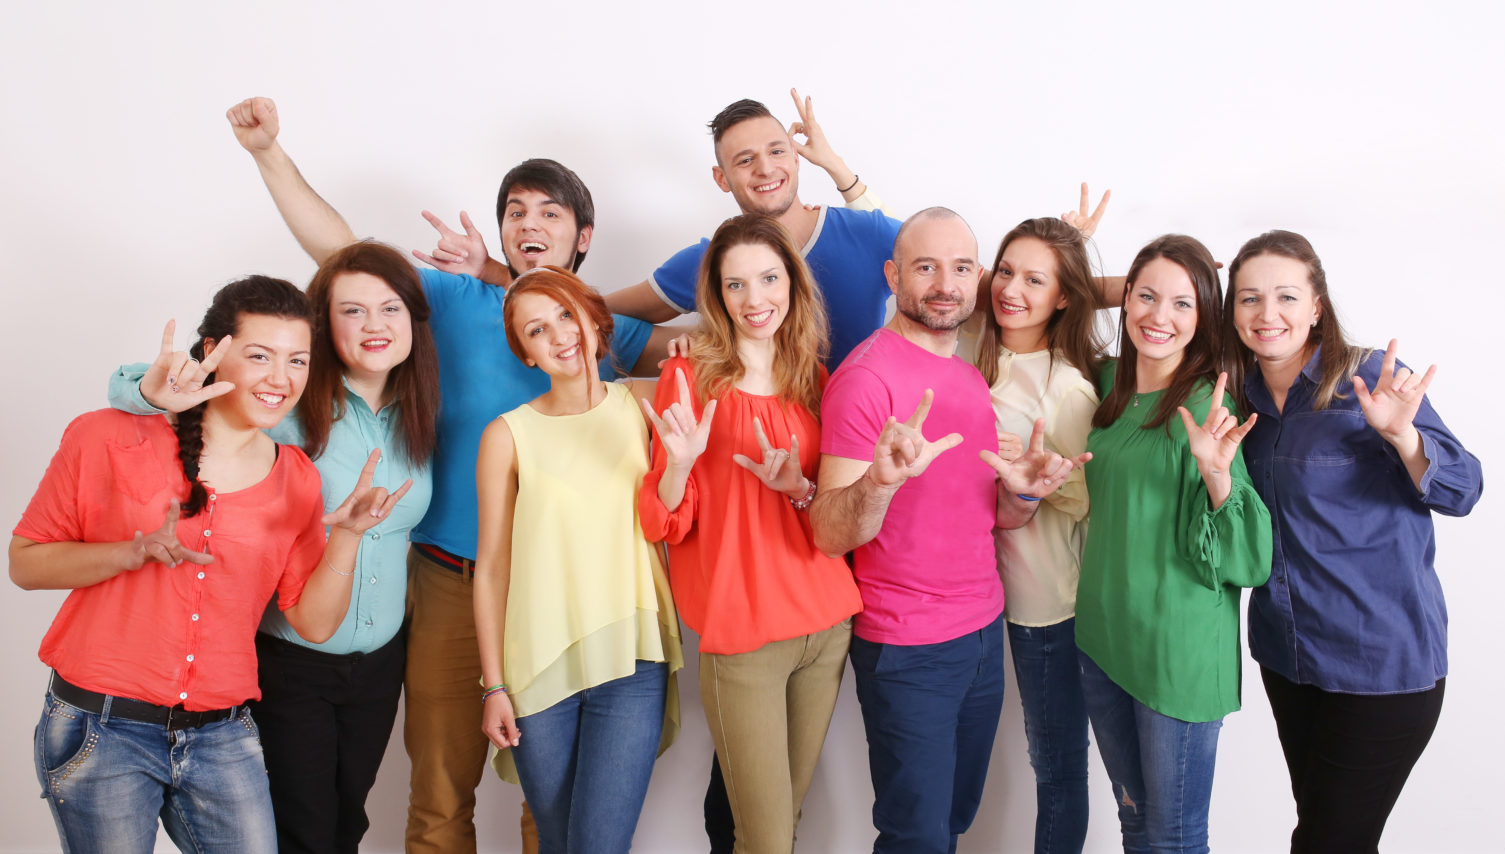 """""""Обичам те"""" – това """"казват"""" доброволците, които се обучават на жестов език, за да помагат на хората с увреден слух (от ляво на дясно): Христина, Даринка, Виктория, Янка, Ашод, Йоана, Ива, Албена. Момчетата отзад са Александър и Кирил."""